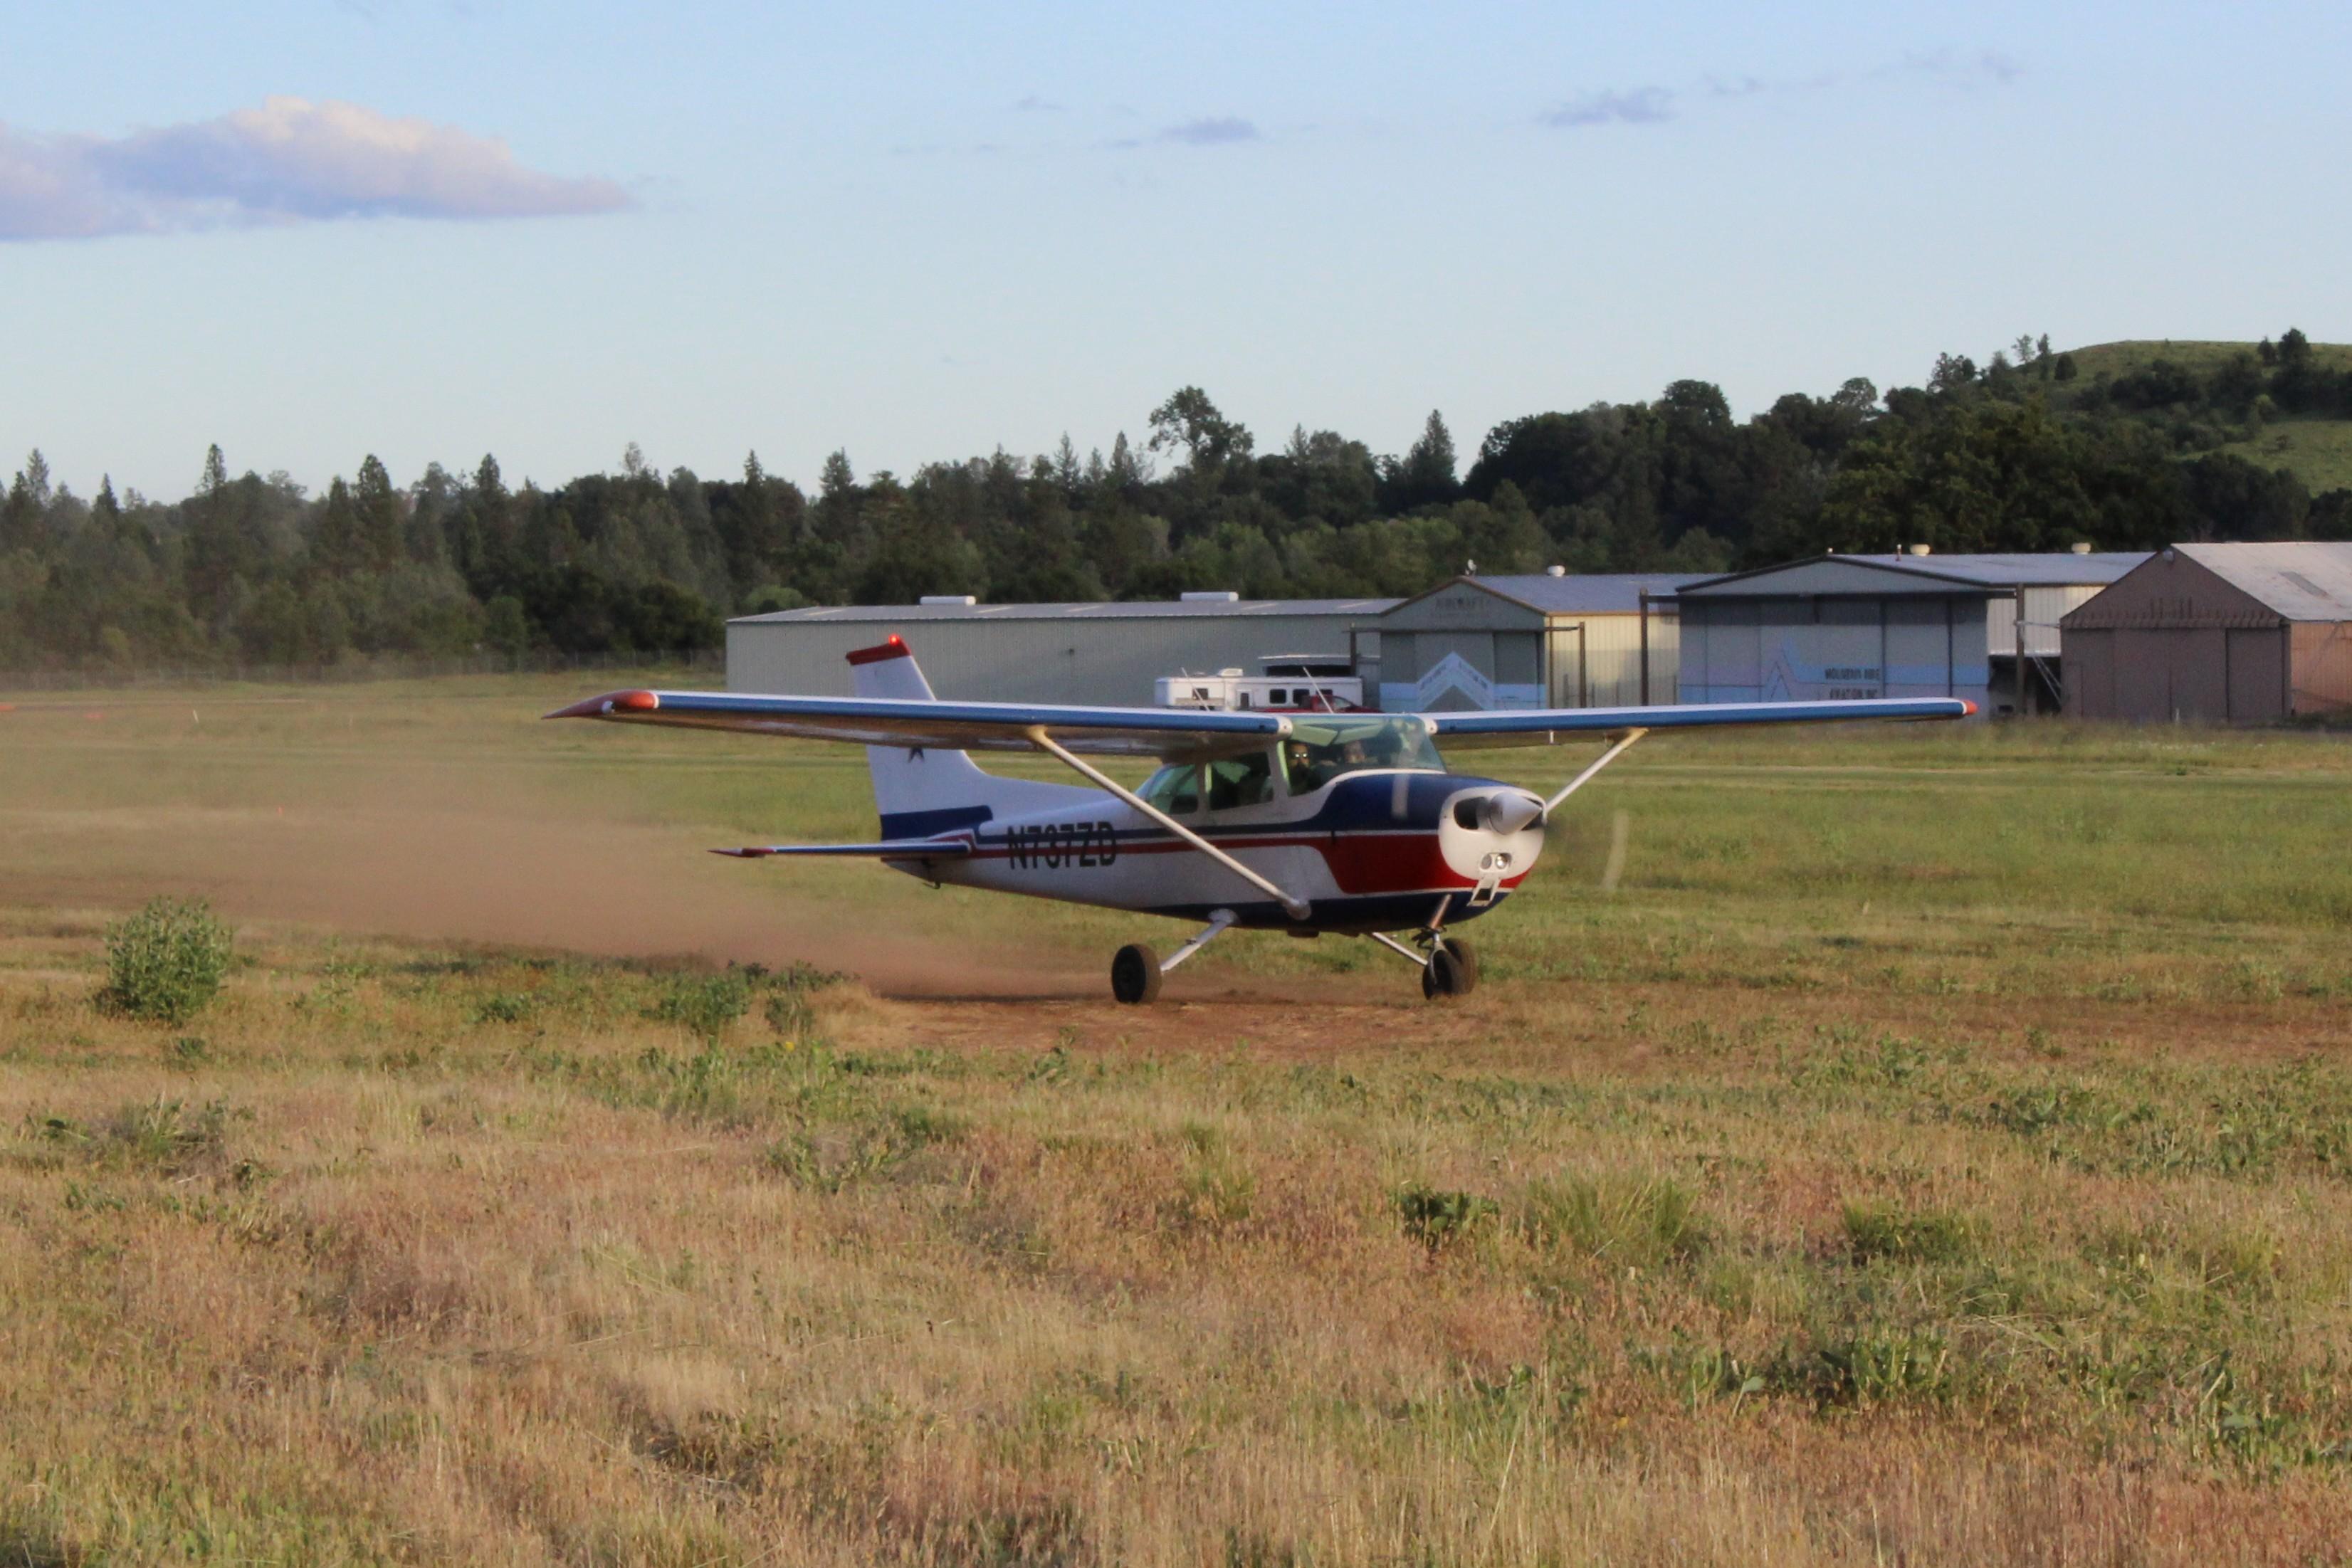 172, grass runway